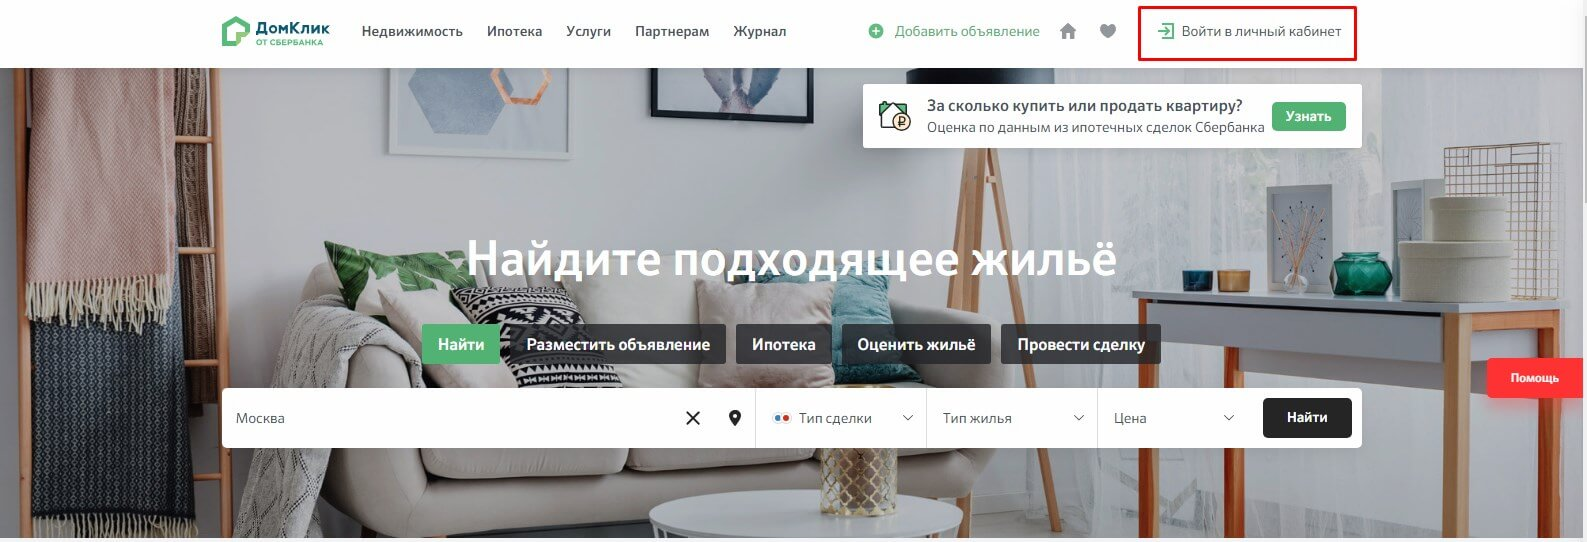 Личный кабинет ДомКлик от Сбербанка: регистрация, вход, нюансы пользования